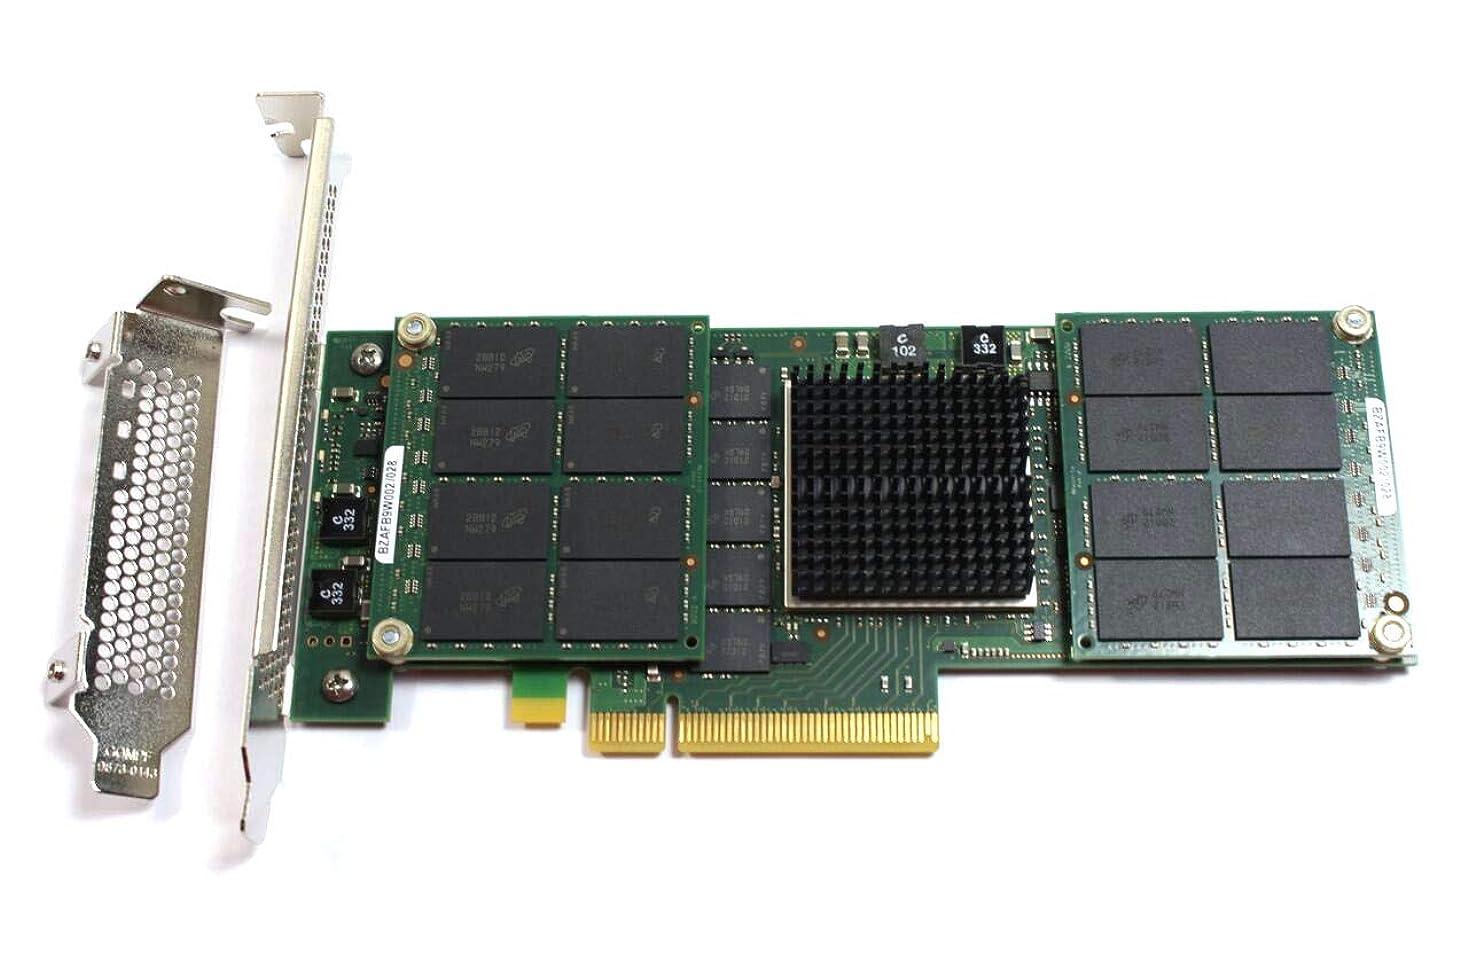 性的傘傾向EbidDealz - P320h PCI Express 350GB SSD ソリッドステートドライブ 118032997 MTFDGAR350SAH-1N1AB